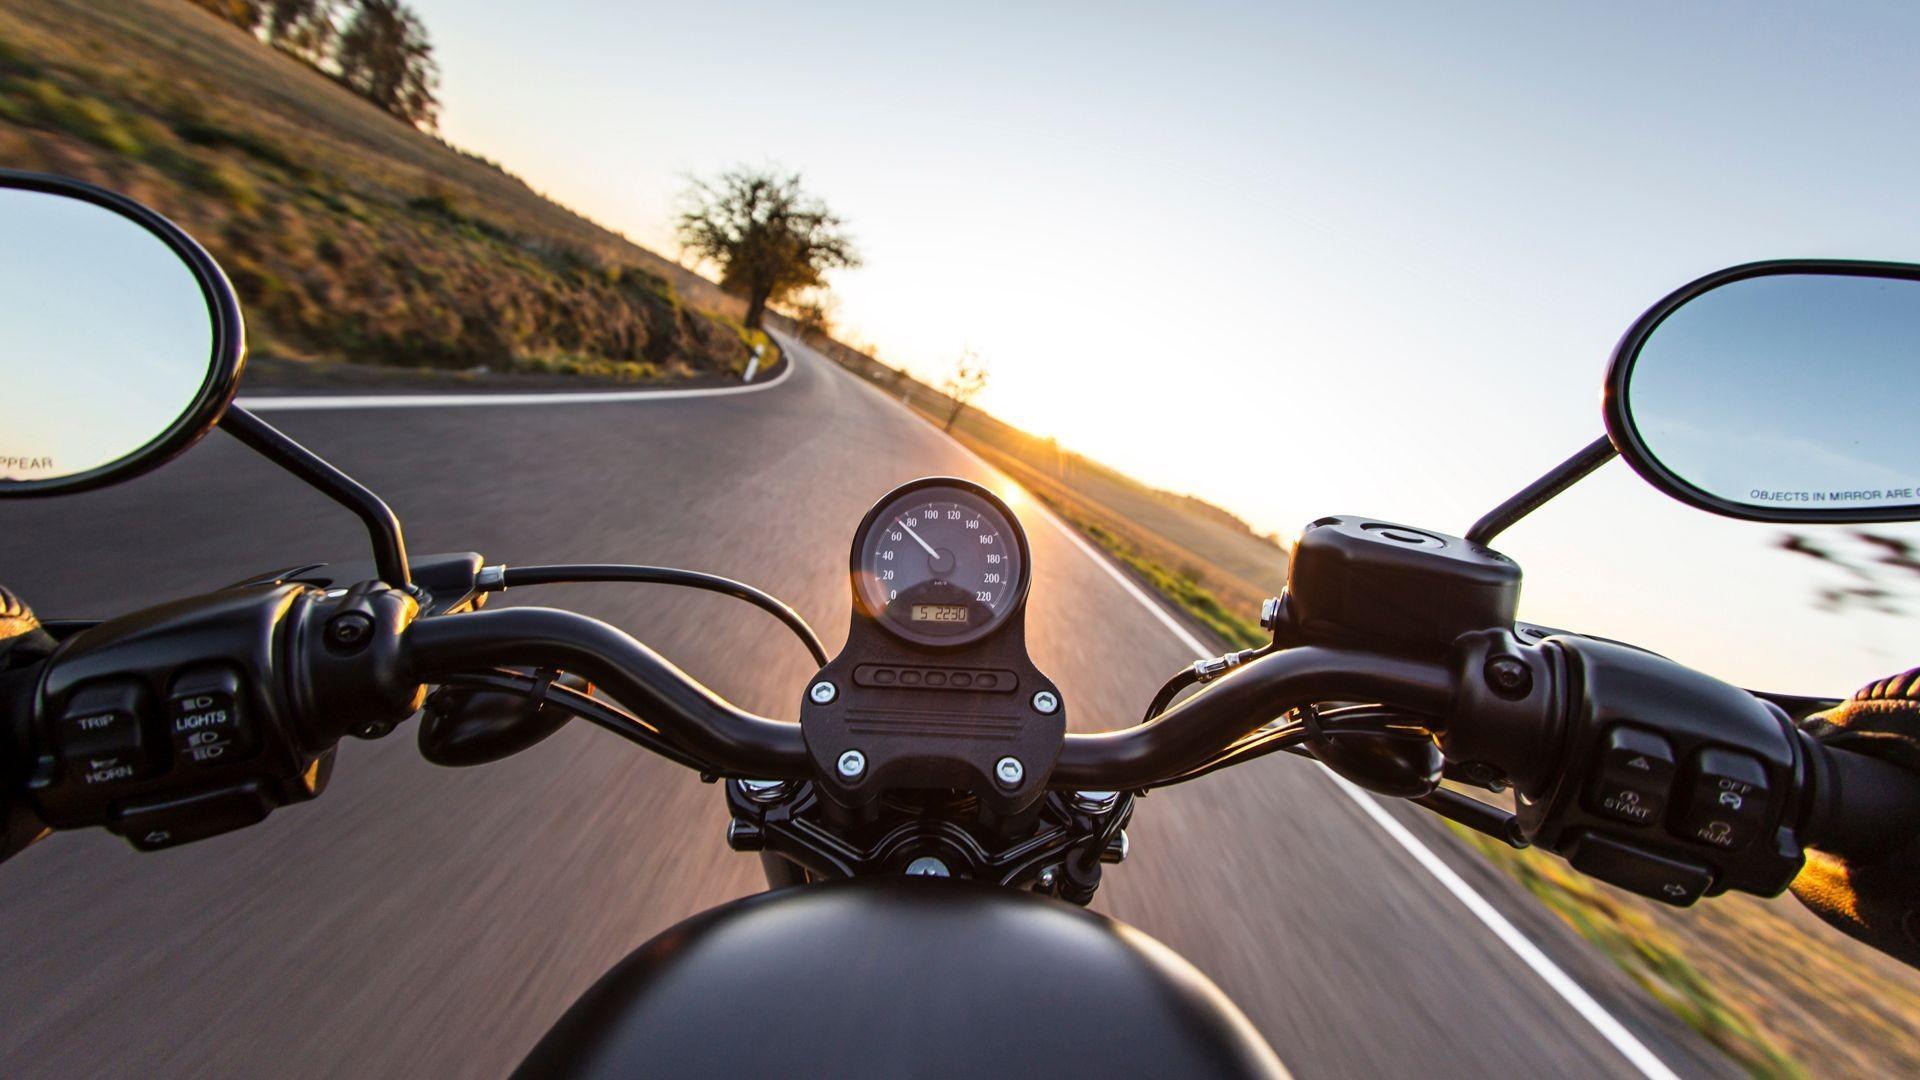 Taller de reparación de motos en L'Hospitalet de Llobregat